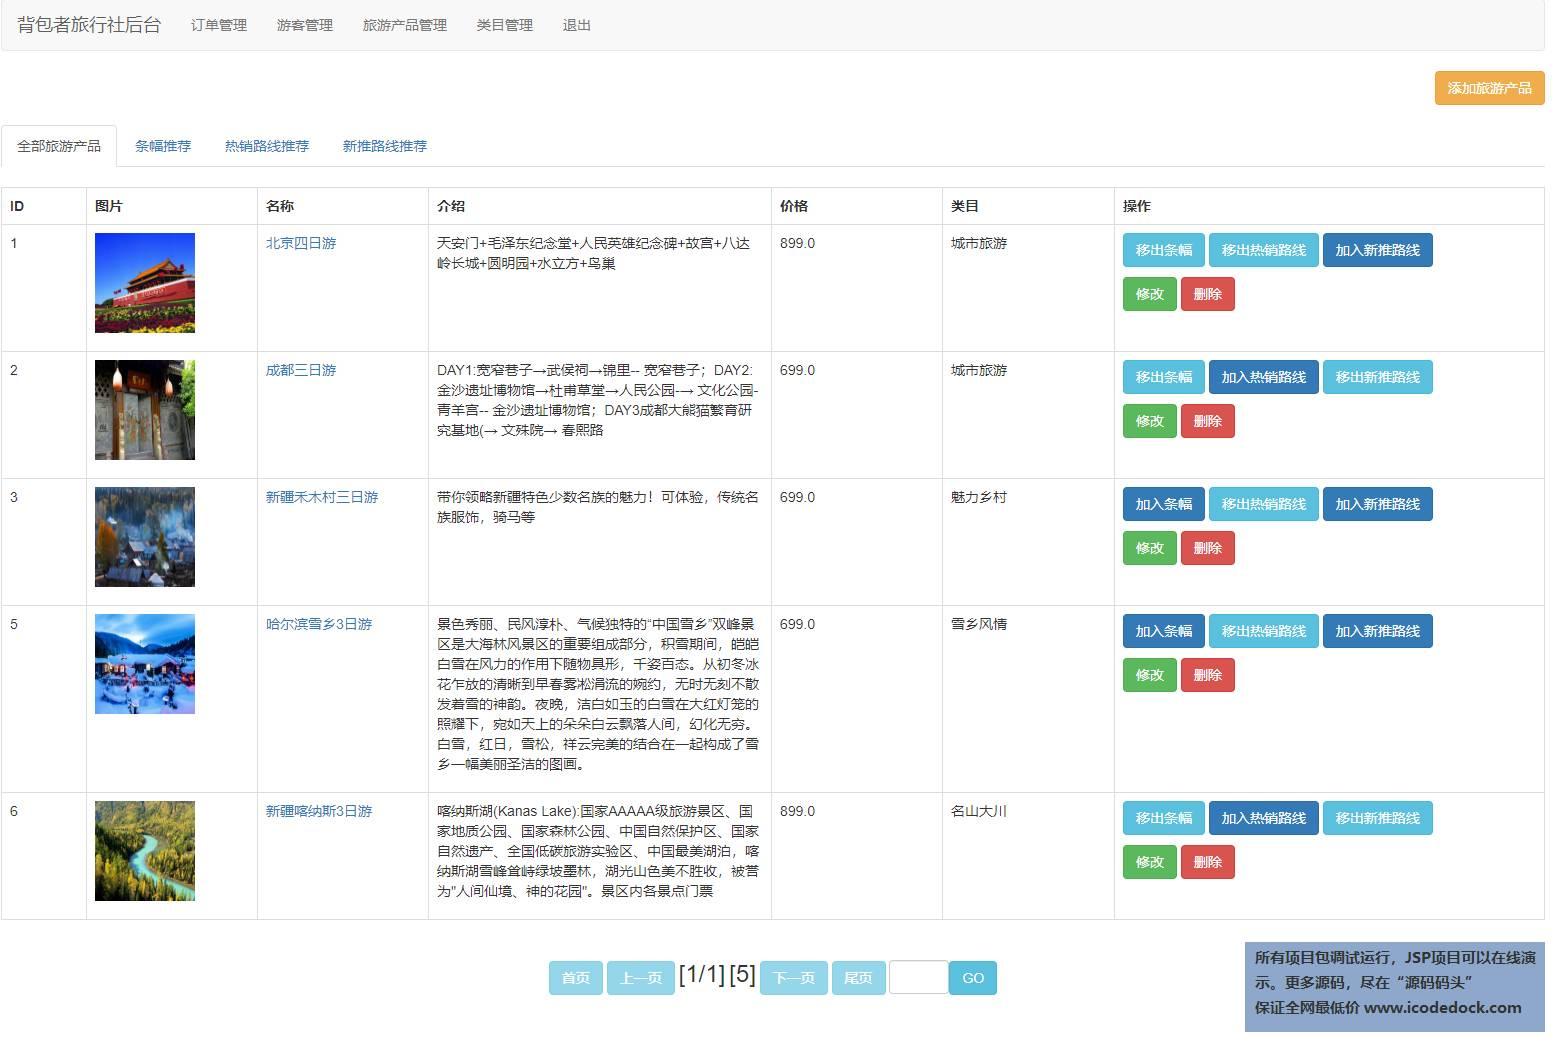 源码码头-JSP旅游产品销售管理系统-管理员角色-旅游产品管理